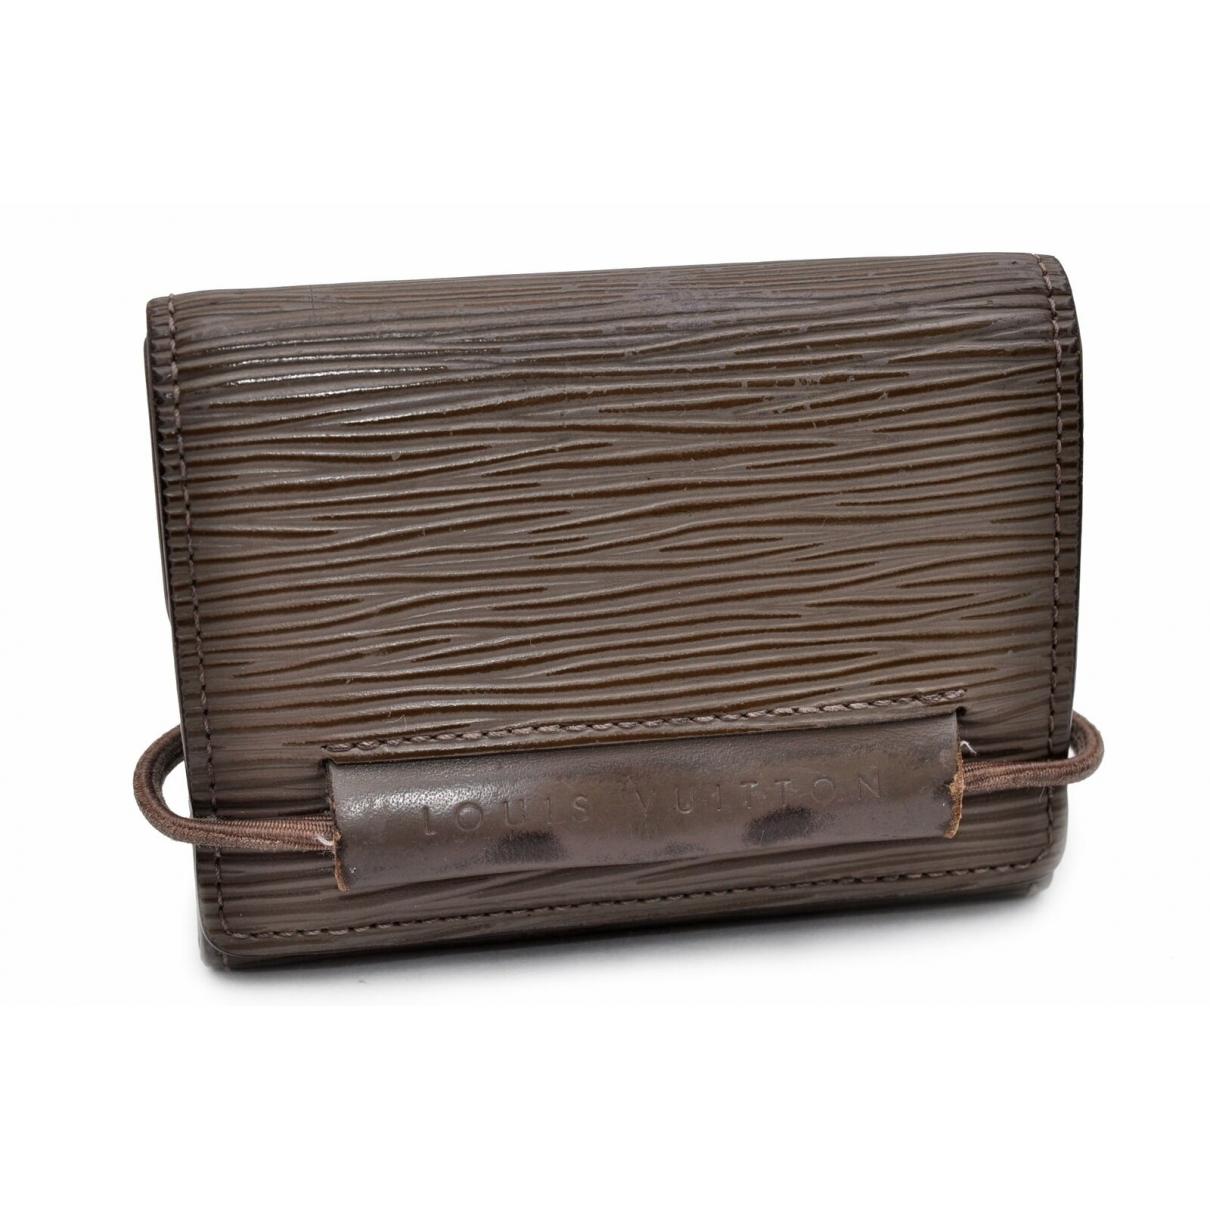 Louis Vuitton - Portefeuille   pour femme en cuir - kaki